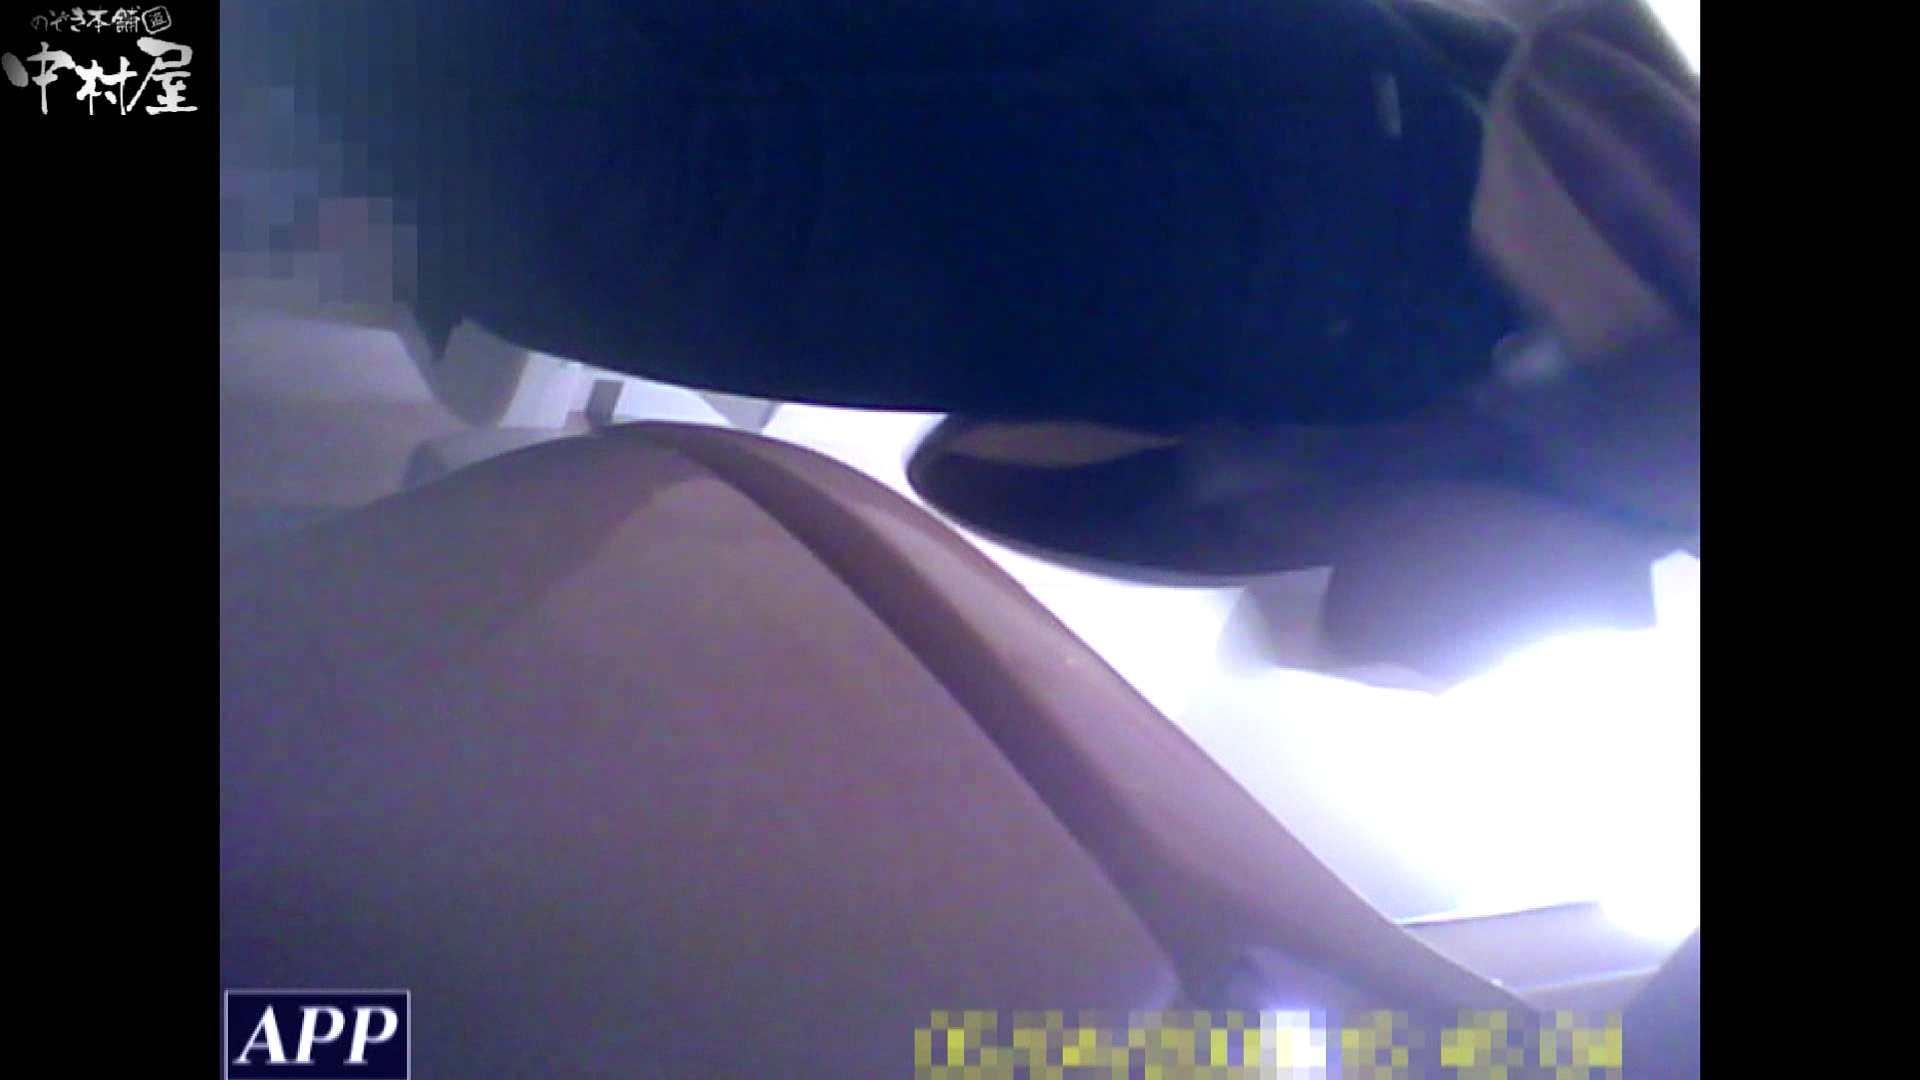 三つ目で盗撮 vol.38 マンコ・ムレムレ | 肛門丸見え  106pic 106